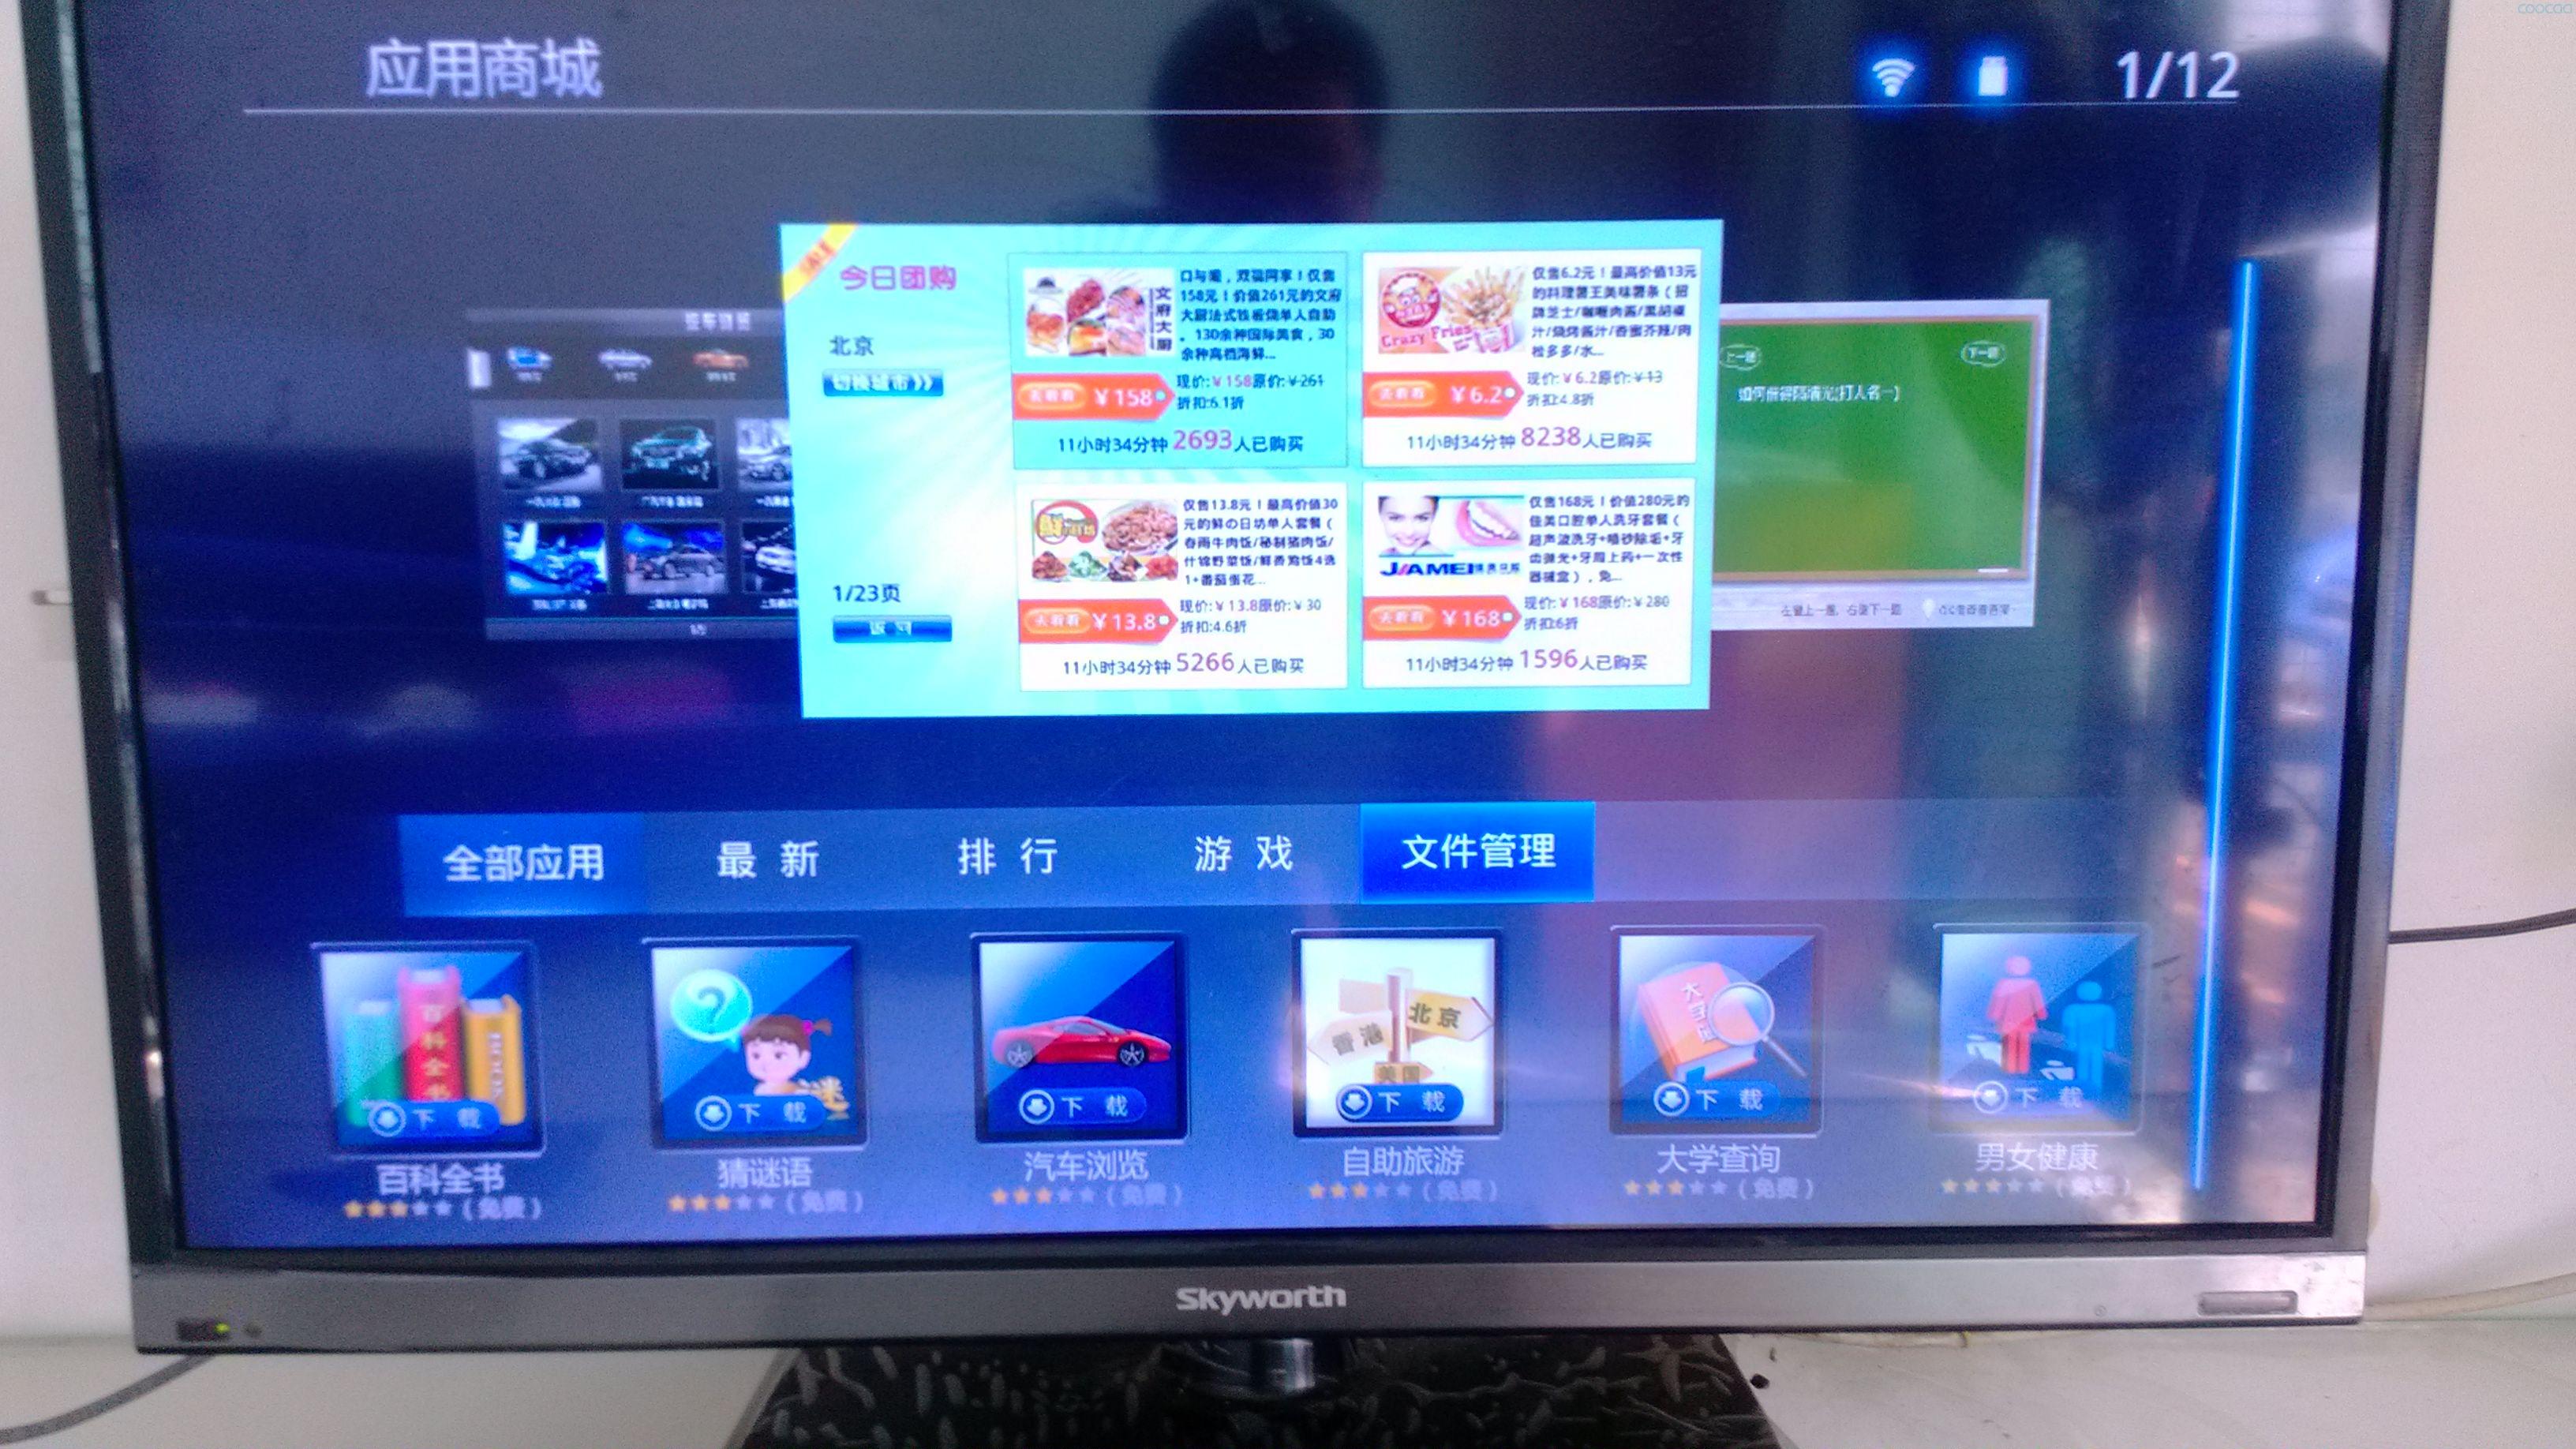 32e550d刷机包-创维智能电视-酷开官方社区